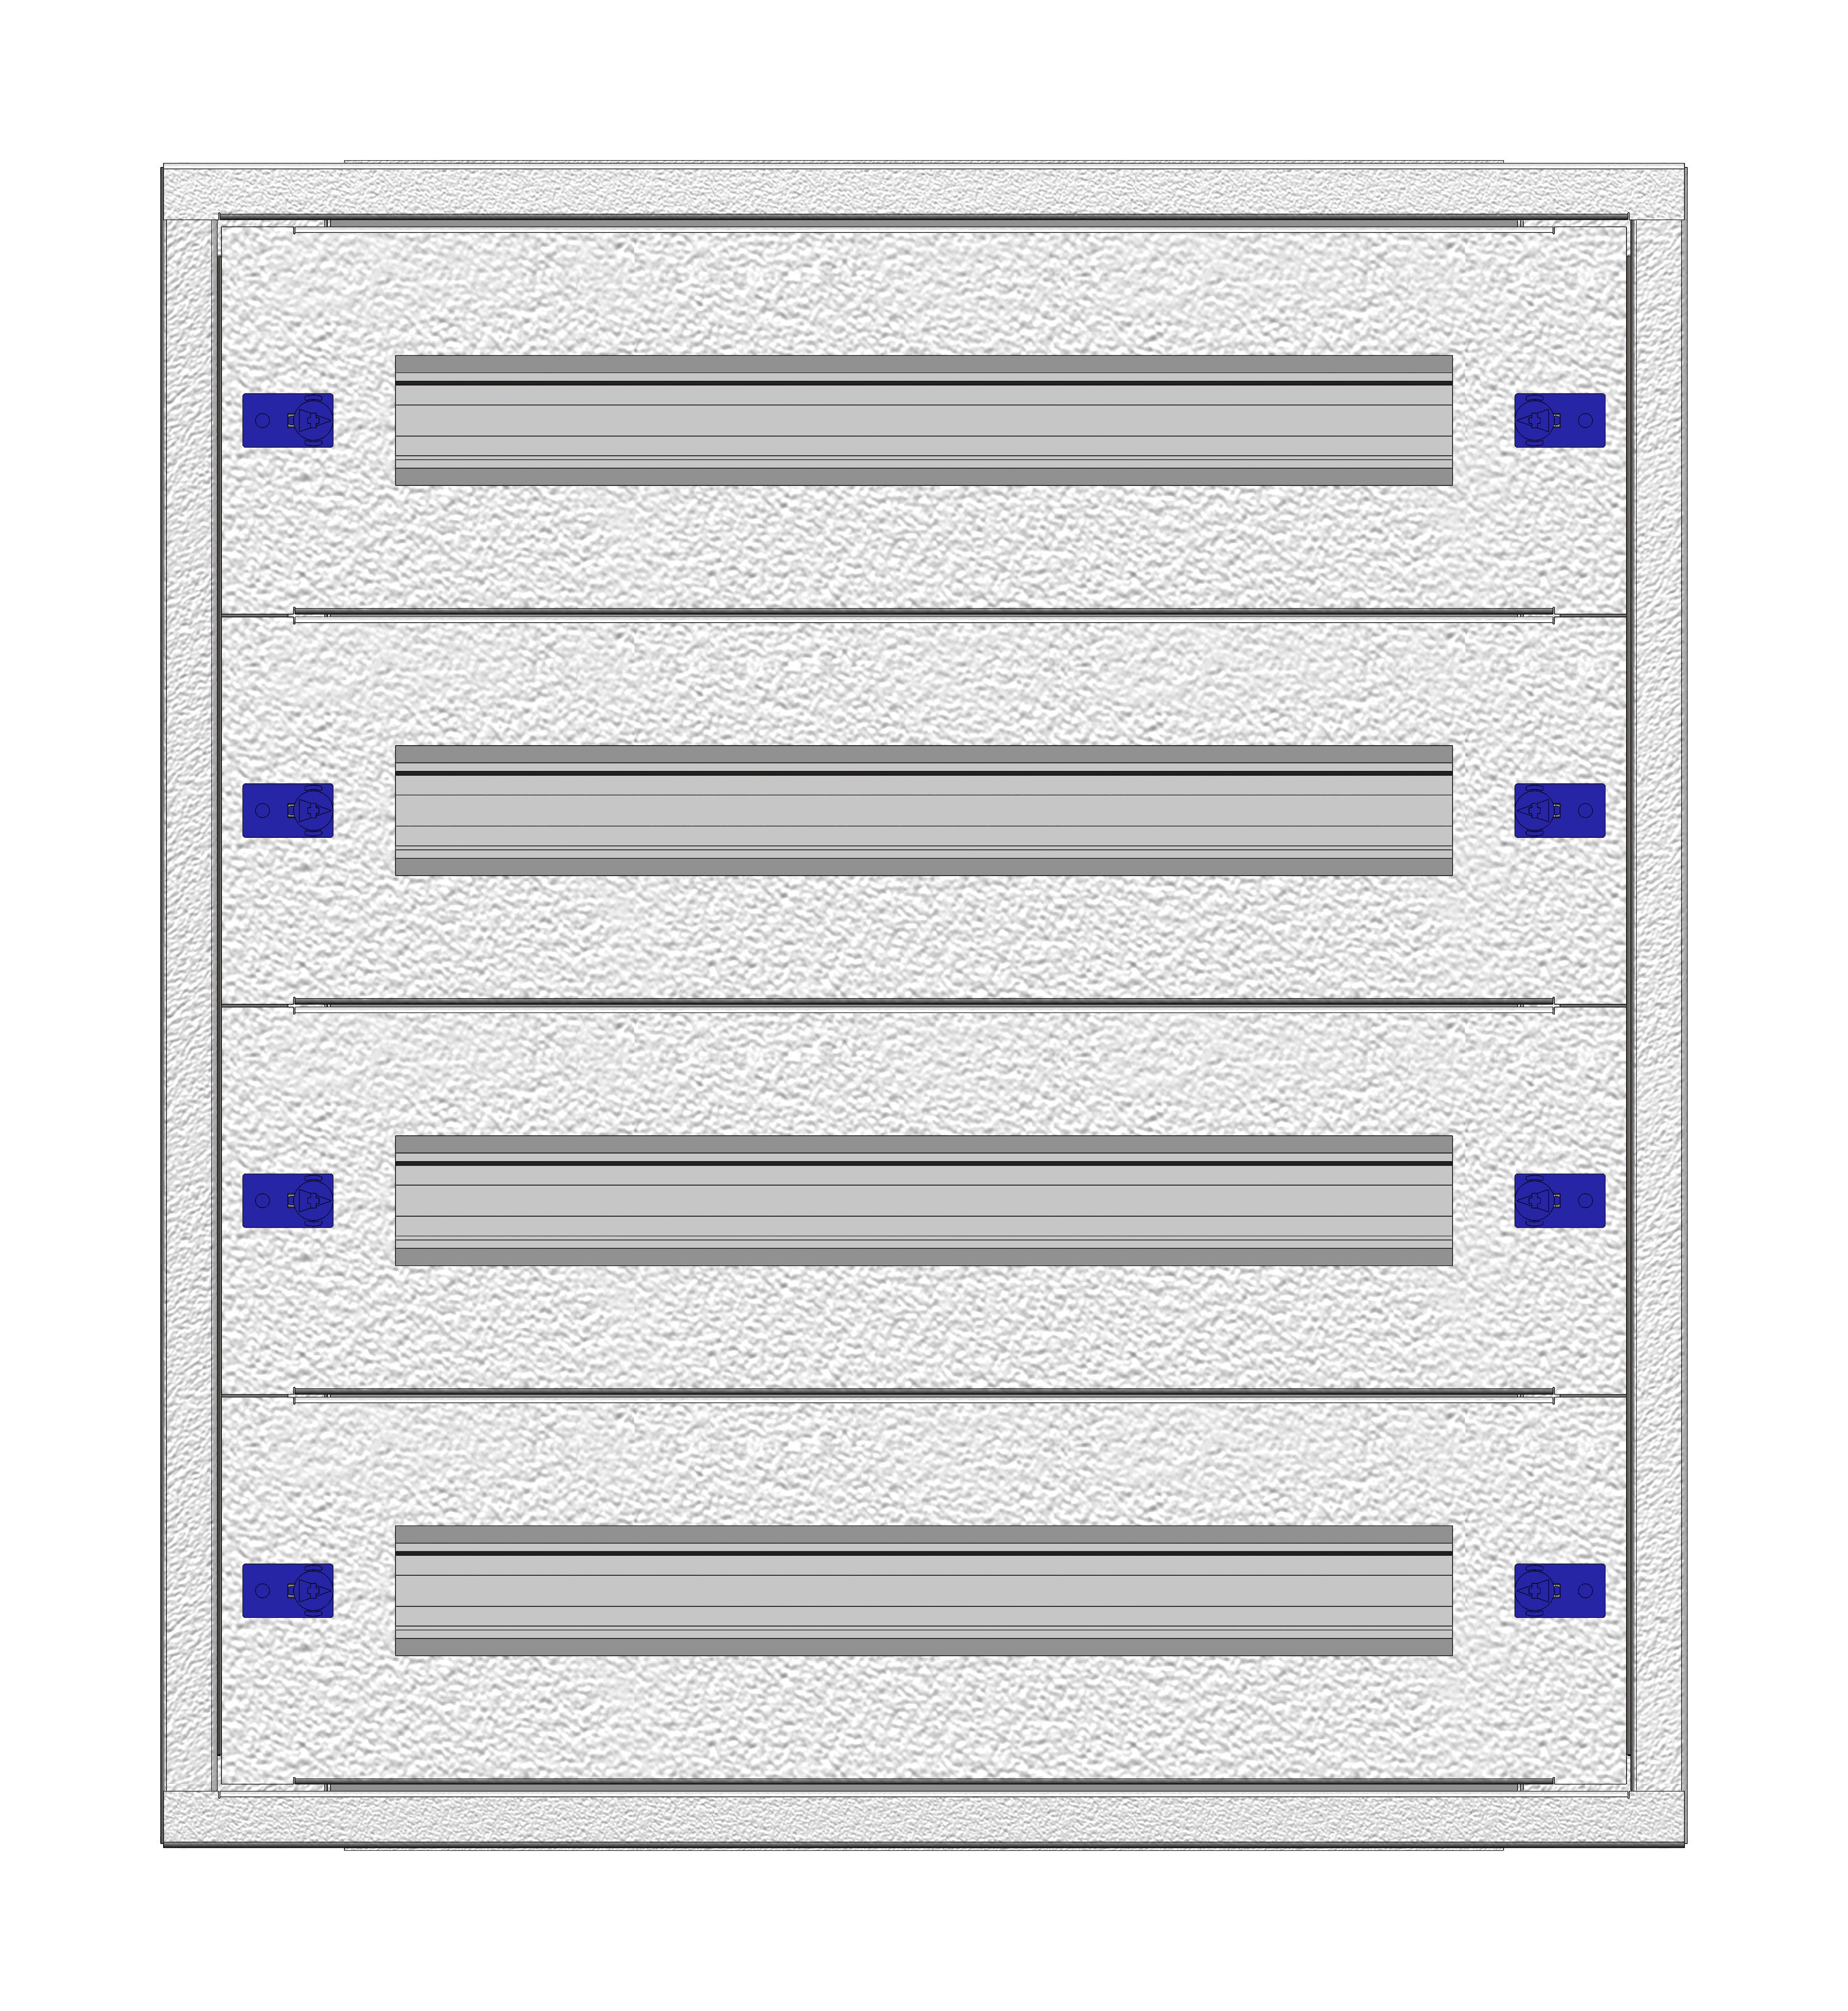 1 Stk Installationsverteiler Einsatz 2-12K, 4-reihig, Stahlblech IL148212--